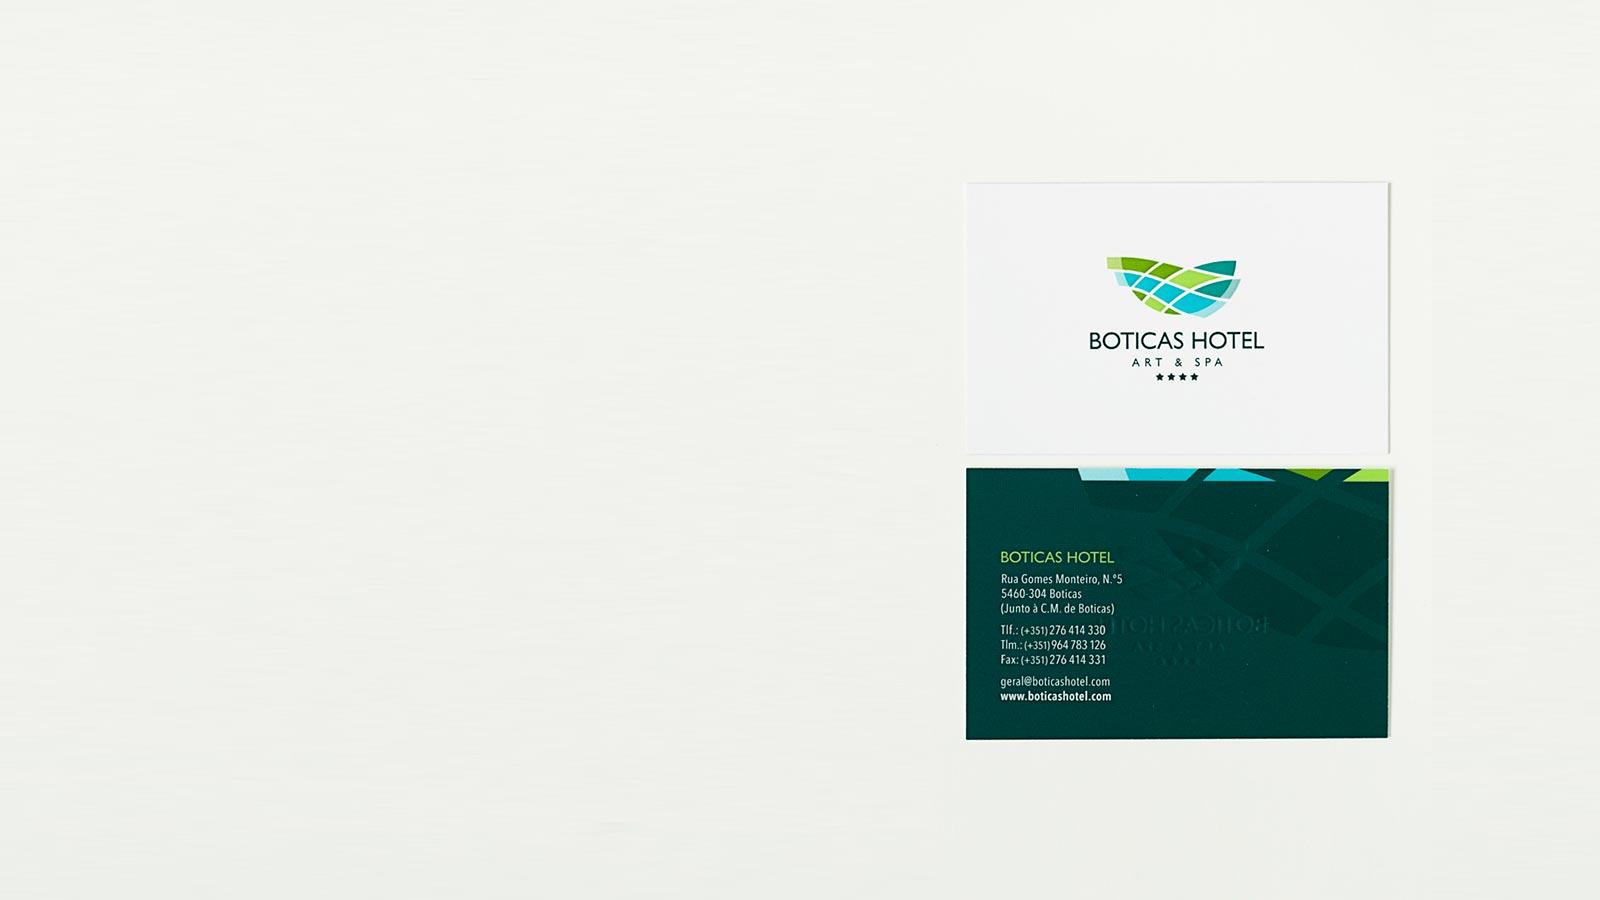 boticas-hotel-012